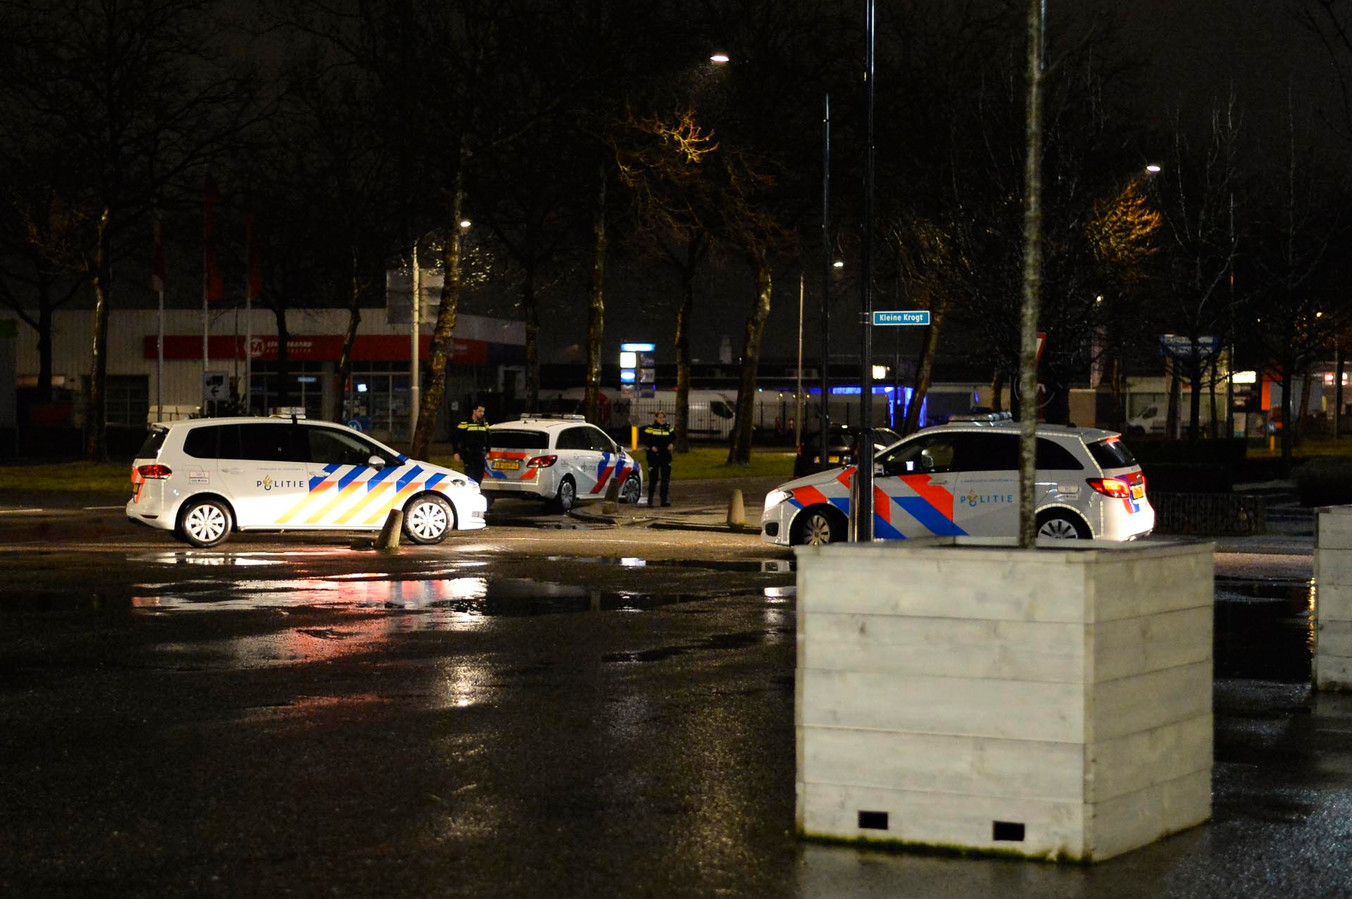 Politiewagens die ter plaatse kwamen voor de eerste melding in Breda. Het desbetreffende bedrijf op de foto's heeft is niet betrokken bij de vondst.